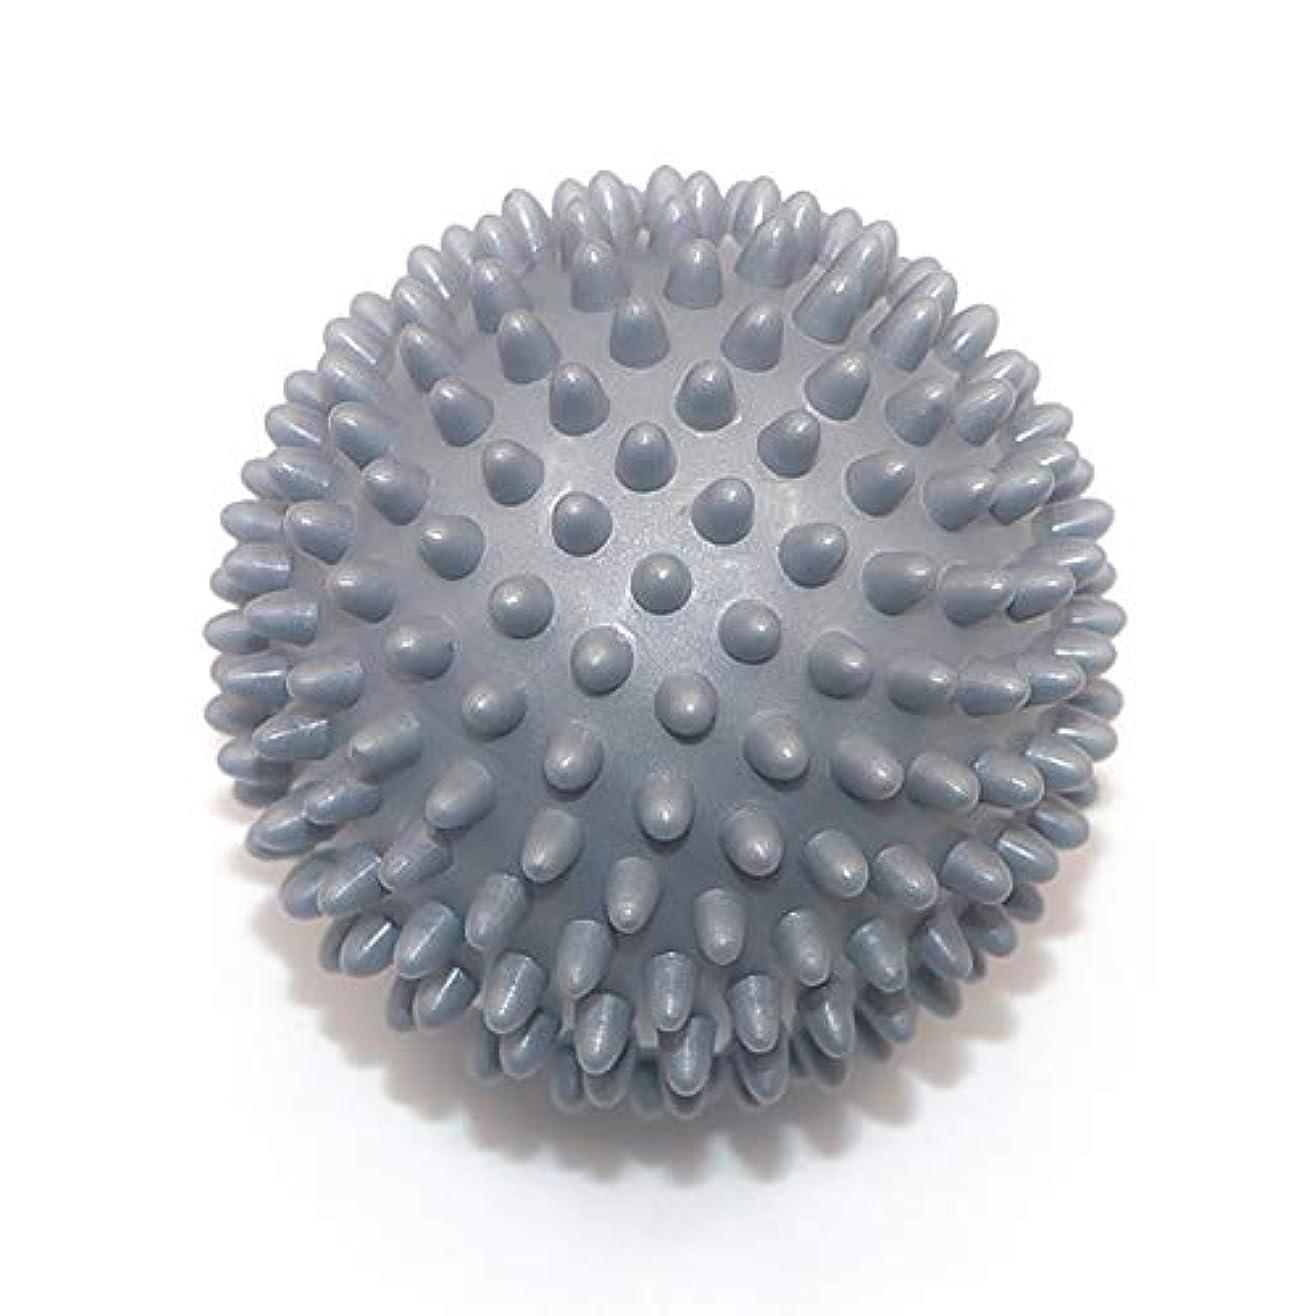 長さ発動機モンスターLiti マッサージボール リハビリ 触覚ボール リフレクションボール 筋膜リリース リハビリ マッサージ用 グレー